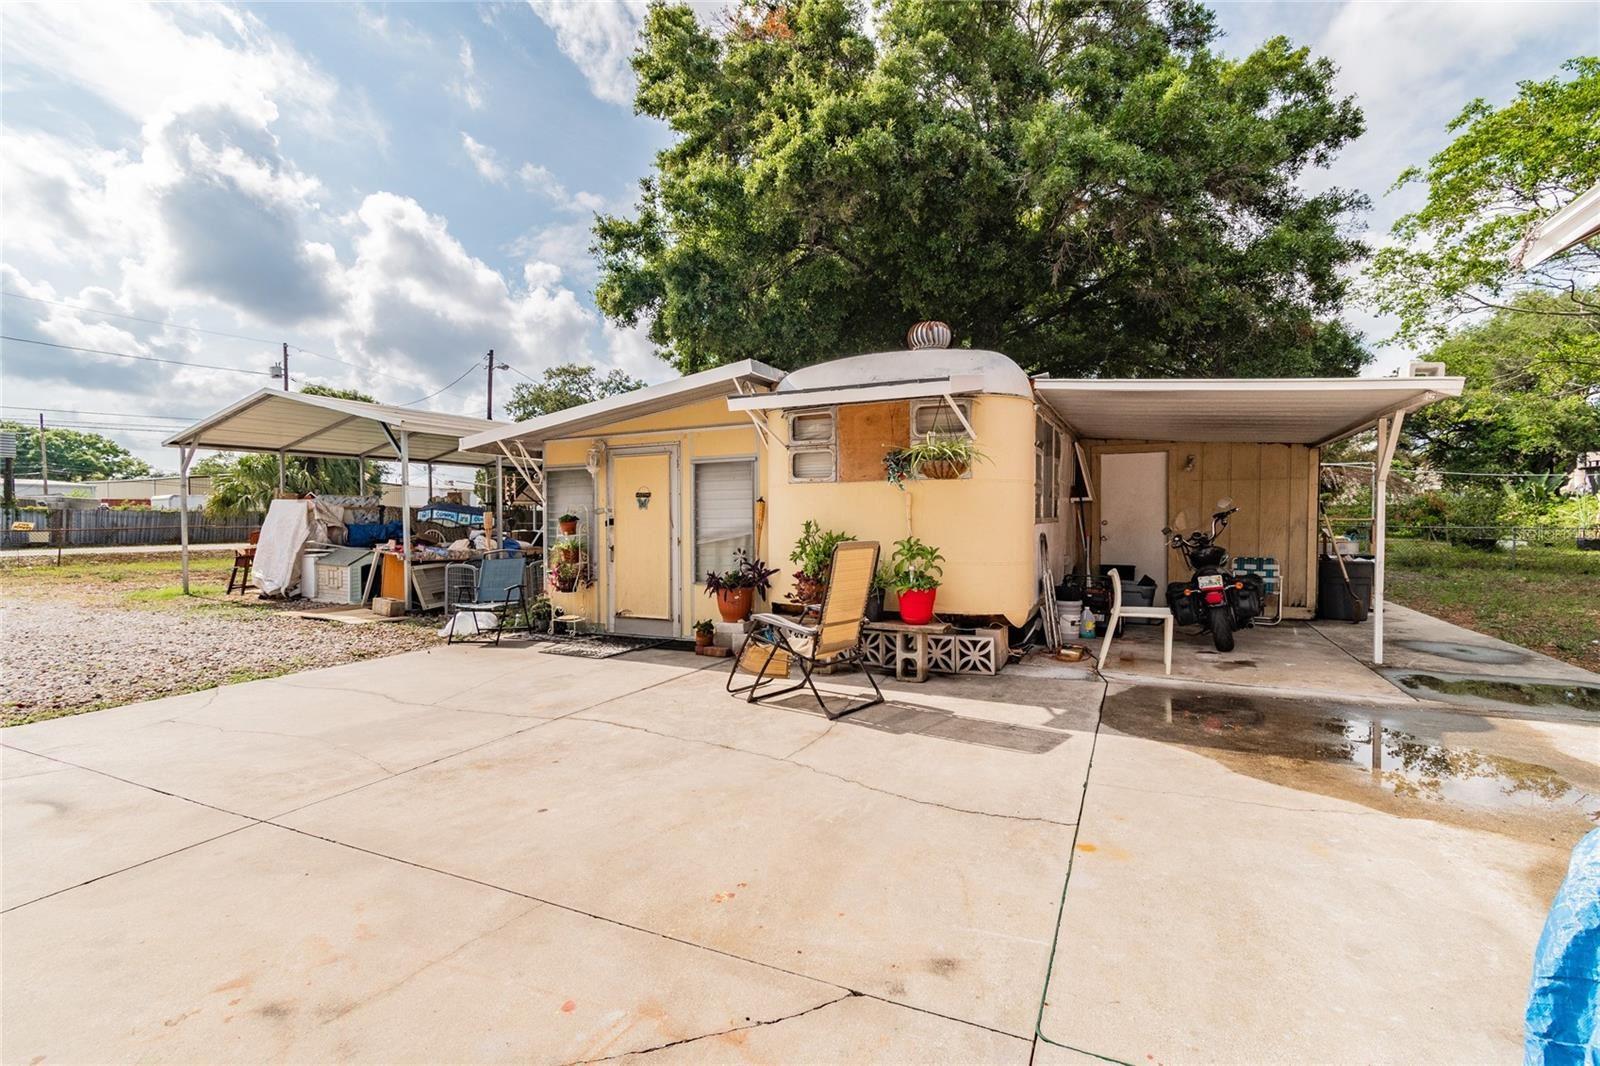 Photo of 13233 FAXTON STREET, CLEARWATER, FL 33760 (MLS # U8127917)